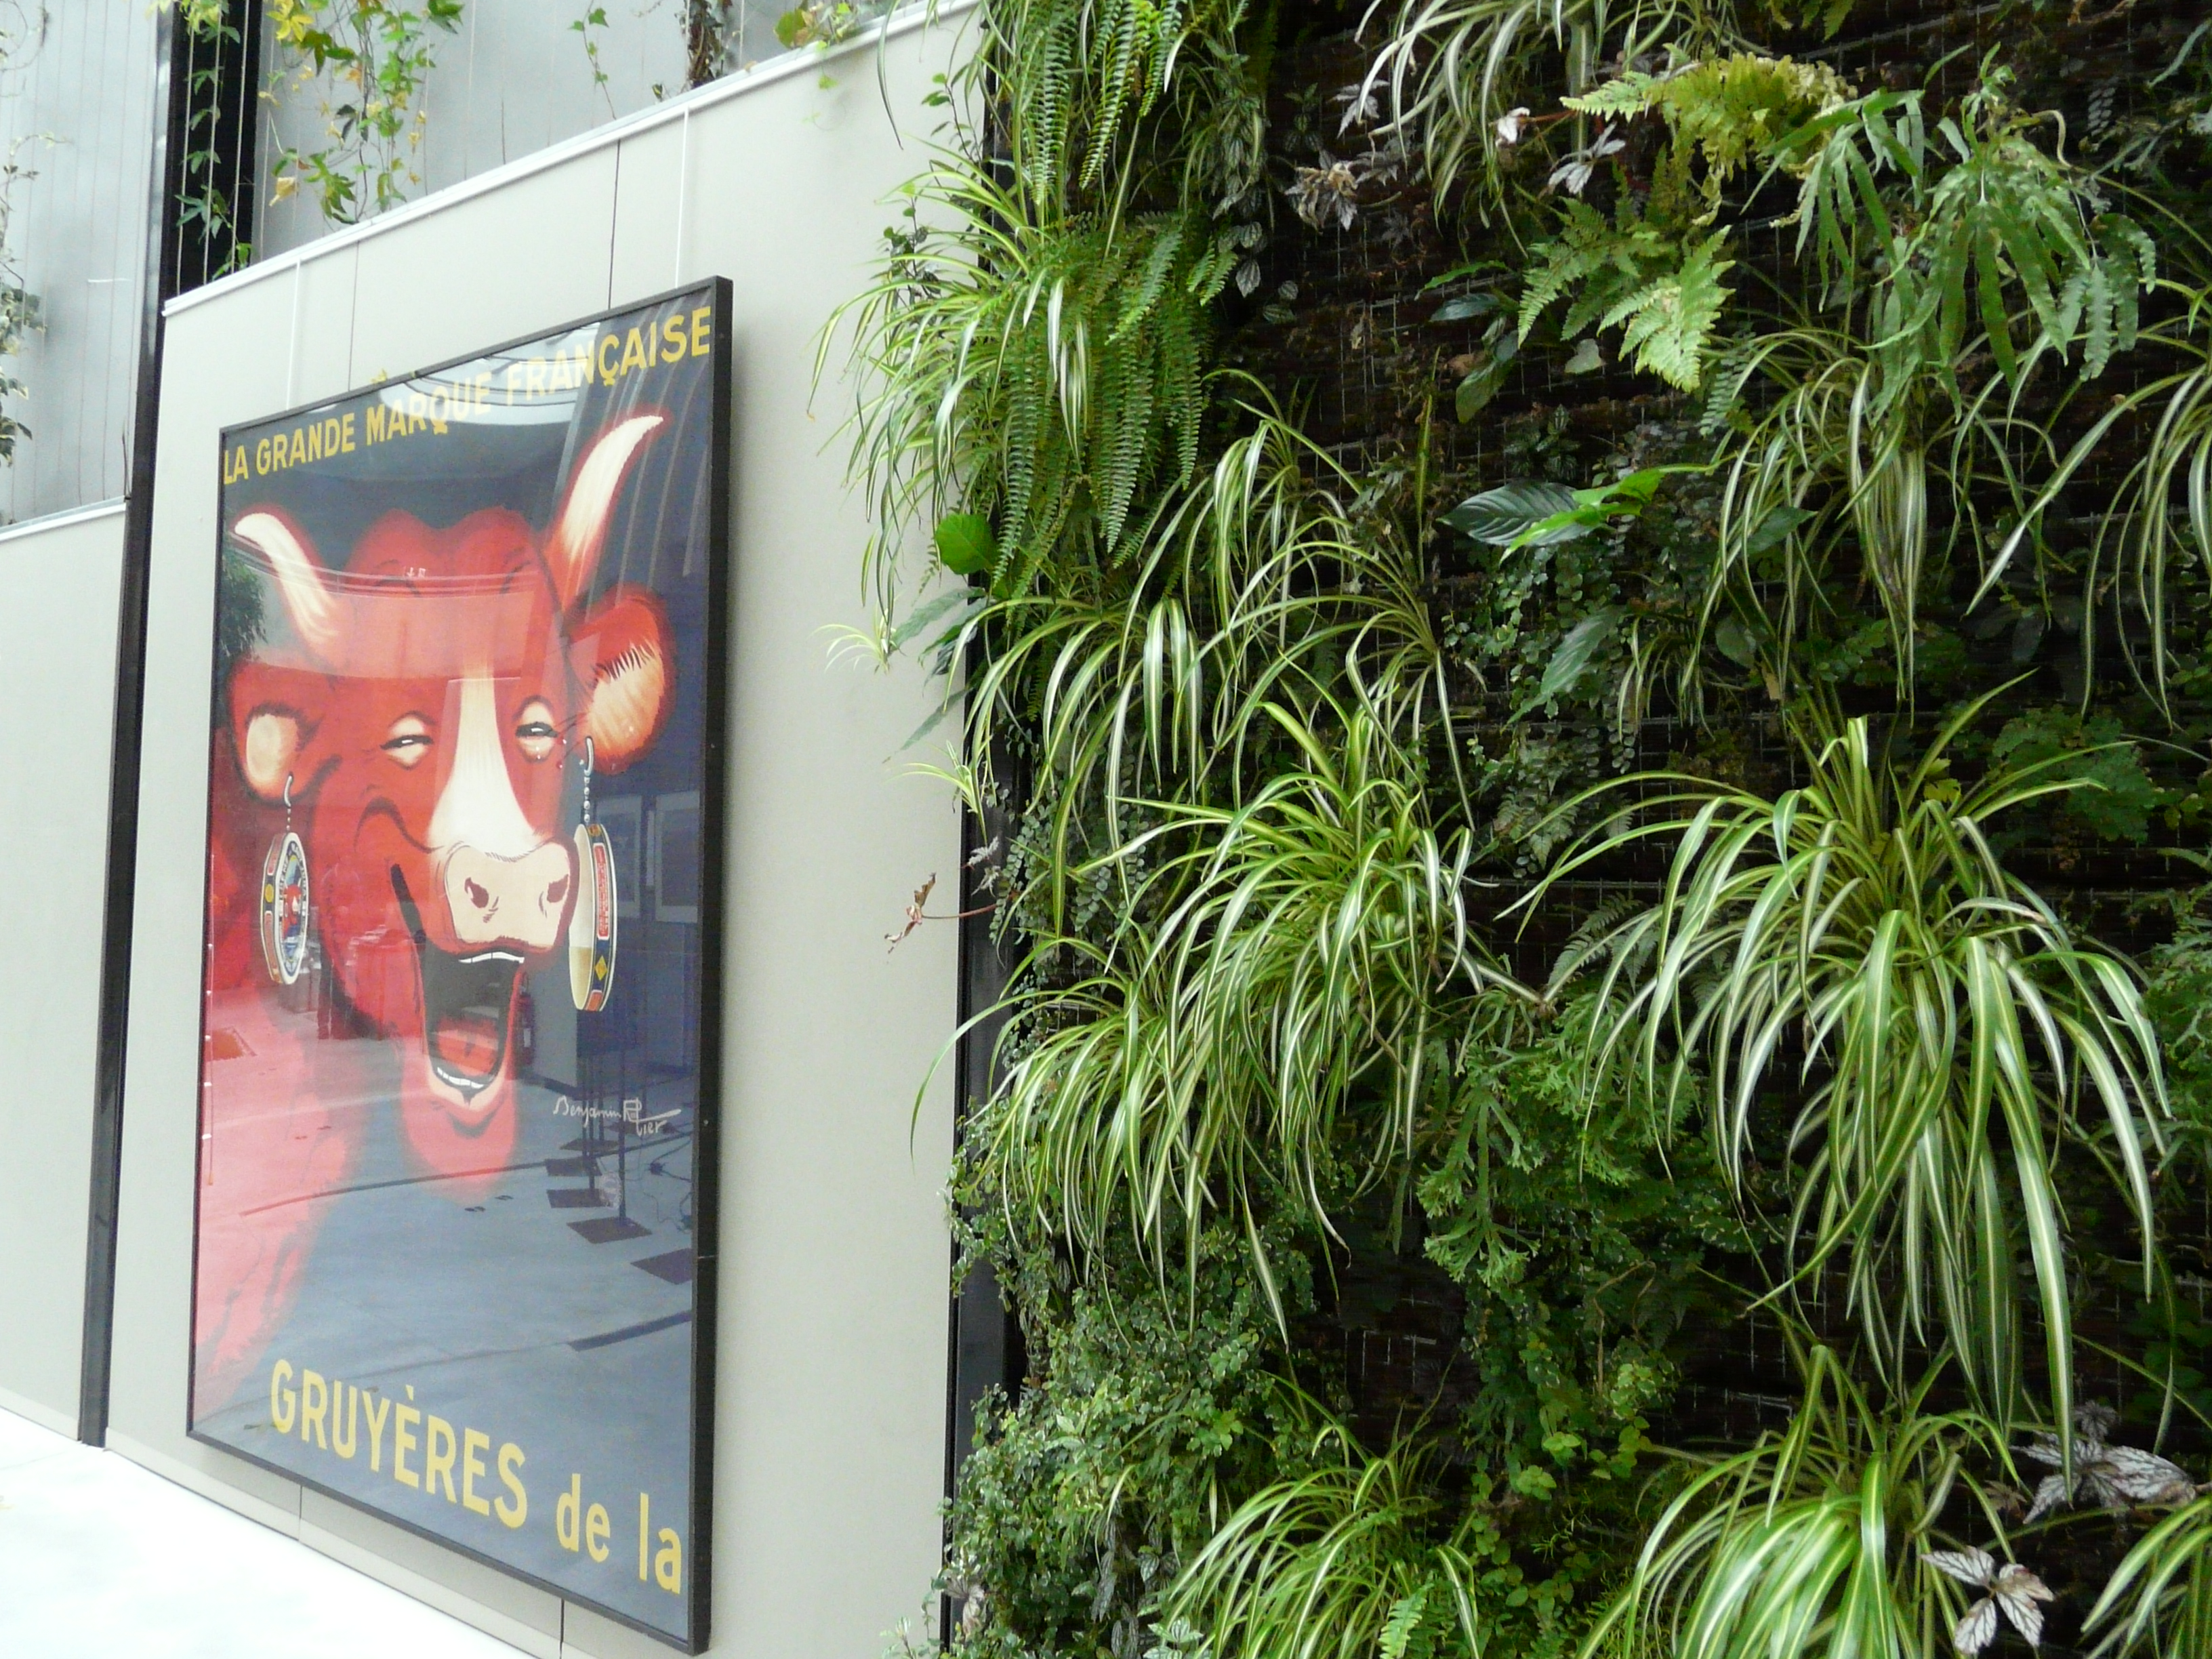 Musée de la vache Qui Rit